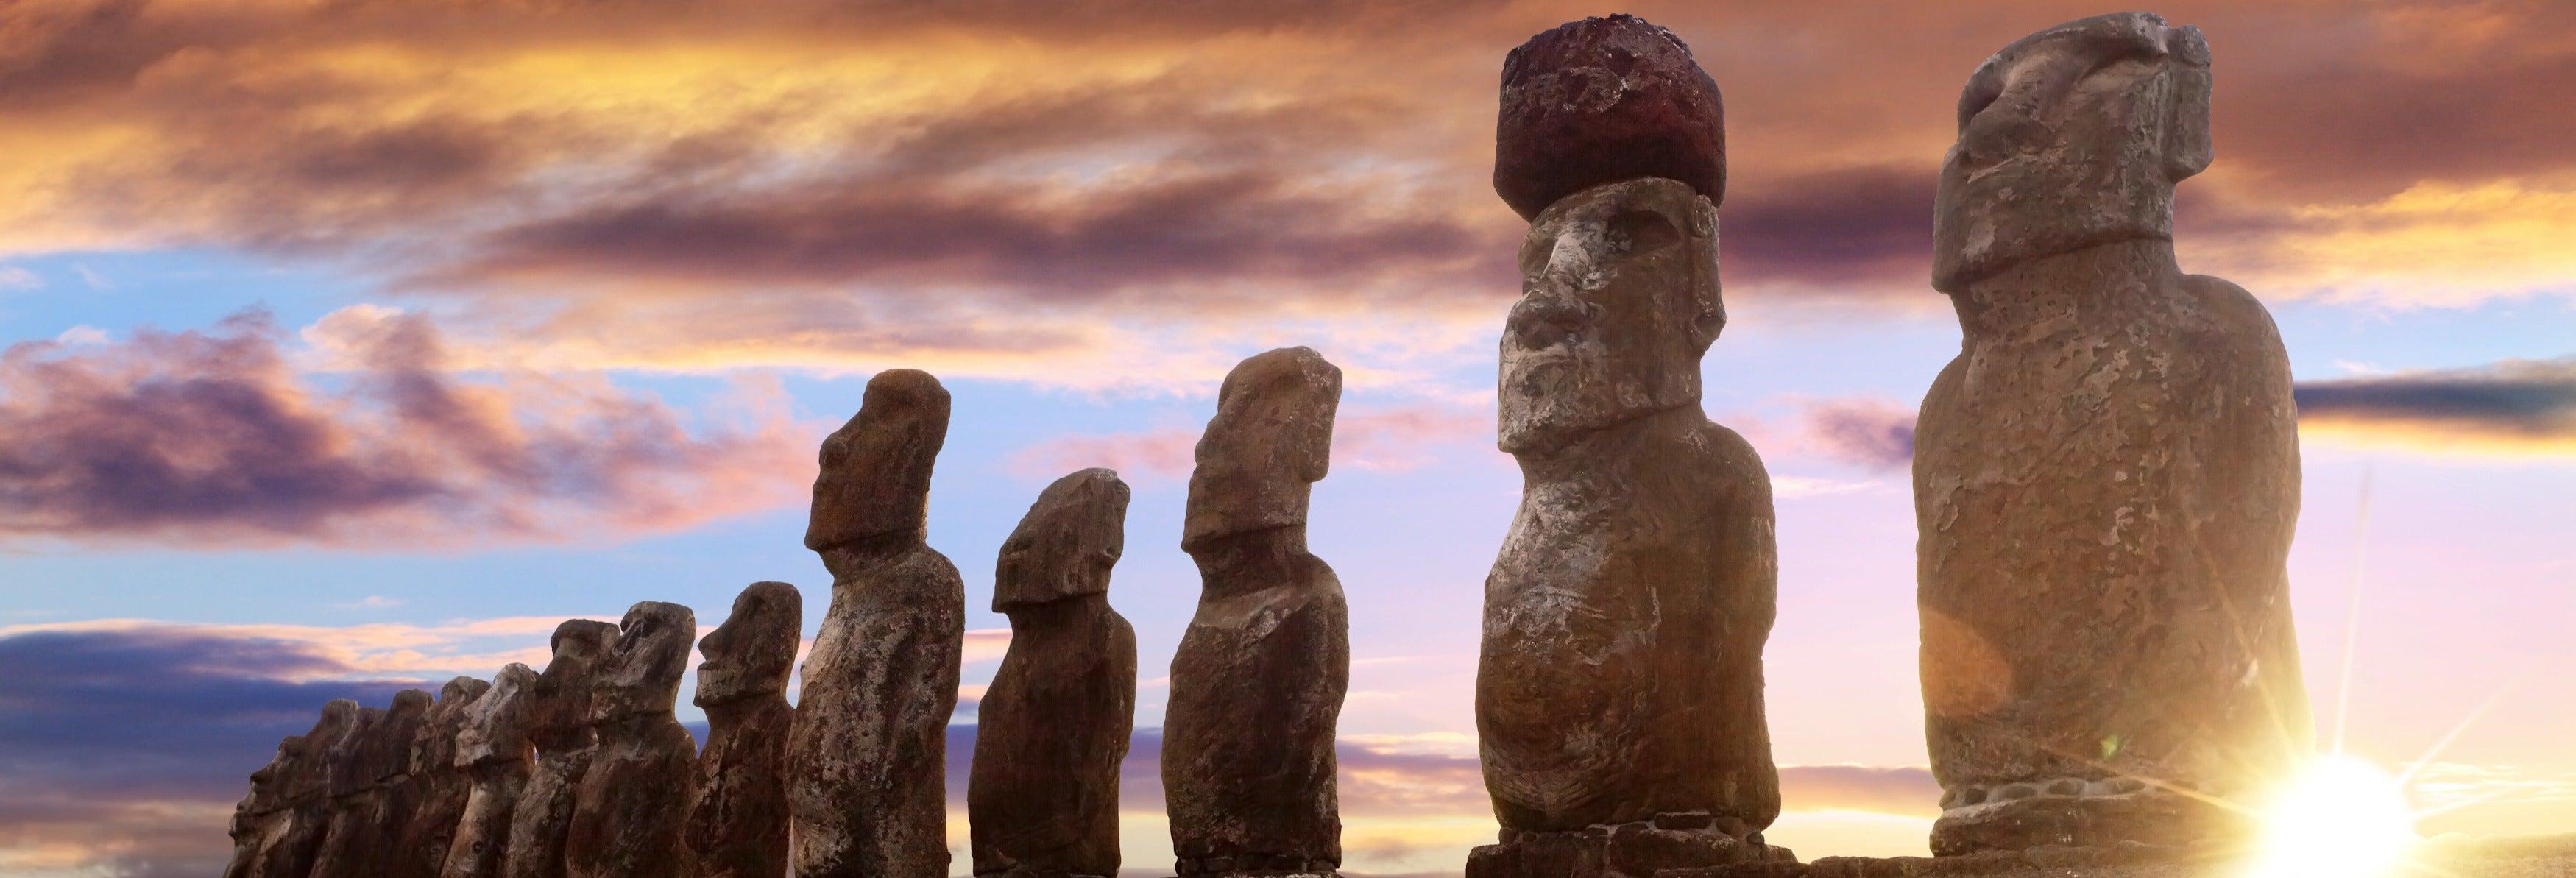 Excursão a Ahu Tongariki ao amanhecer